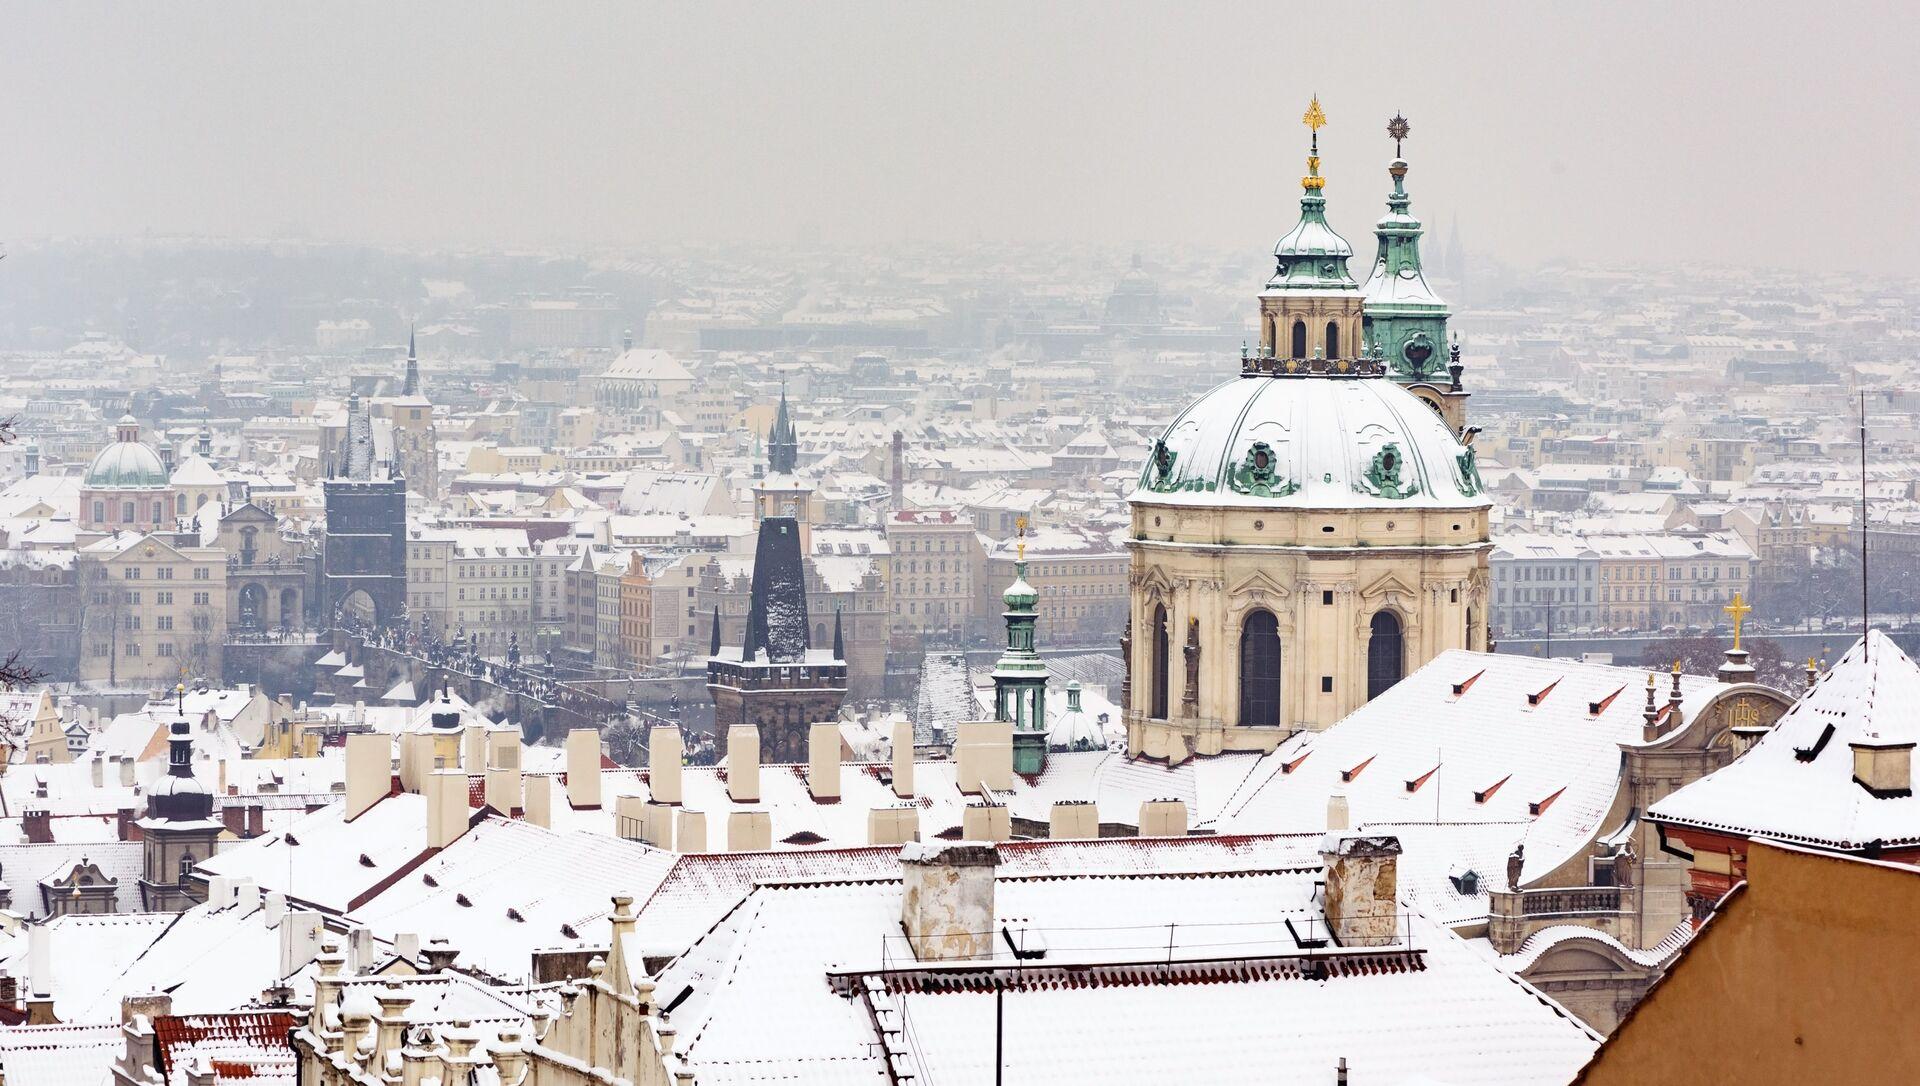 Zimní Praha - Sputnik Česká republika, 1920, 09.03.2021